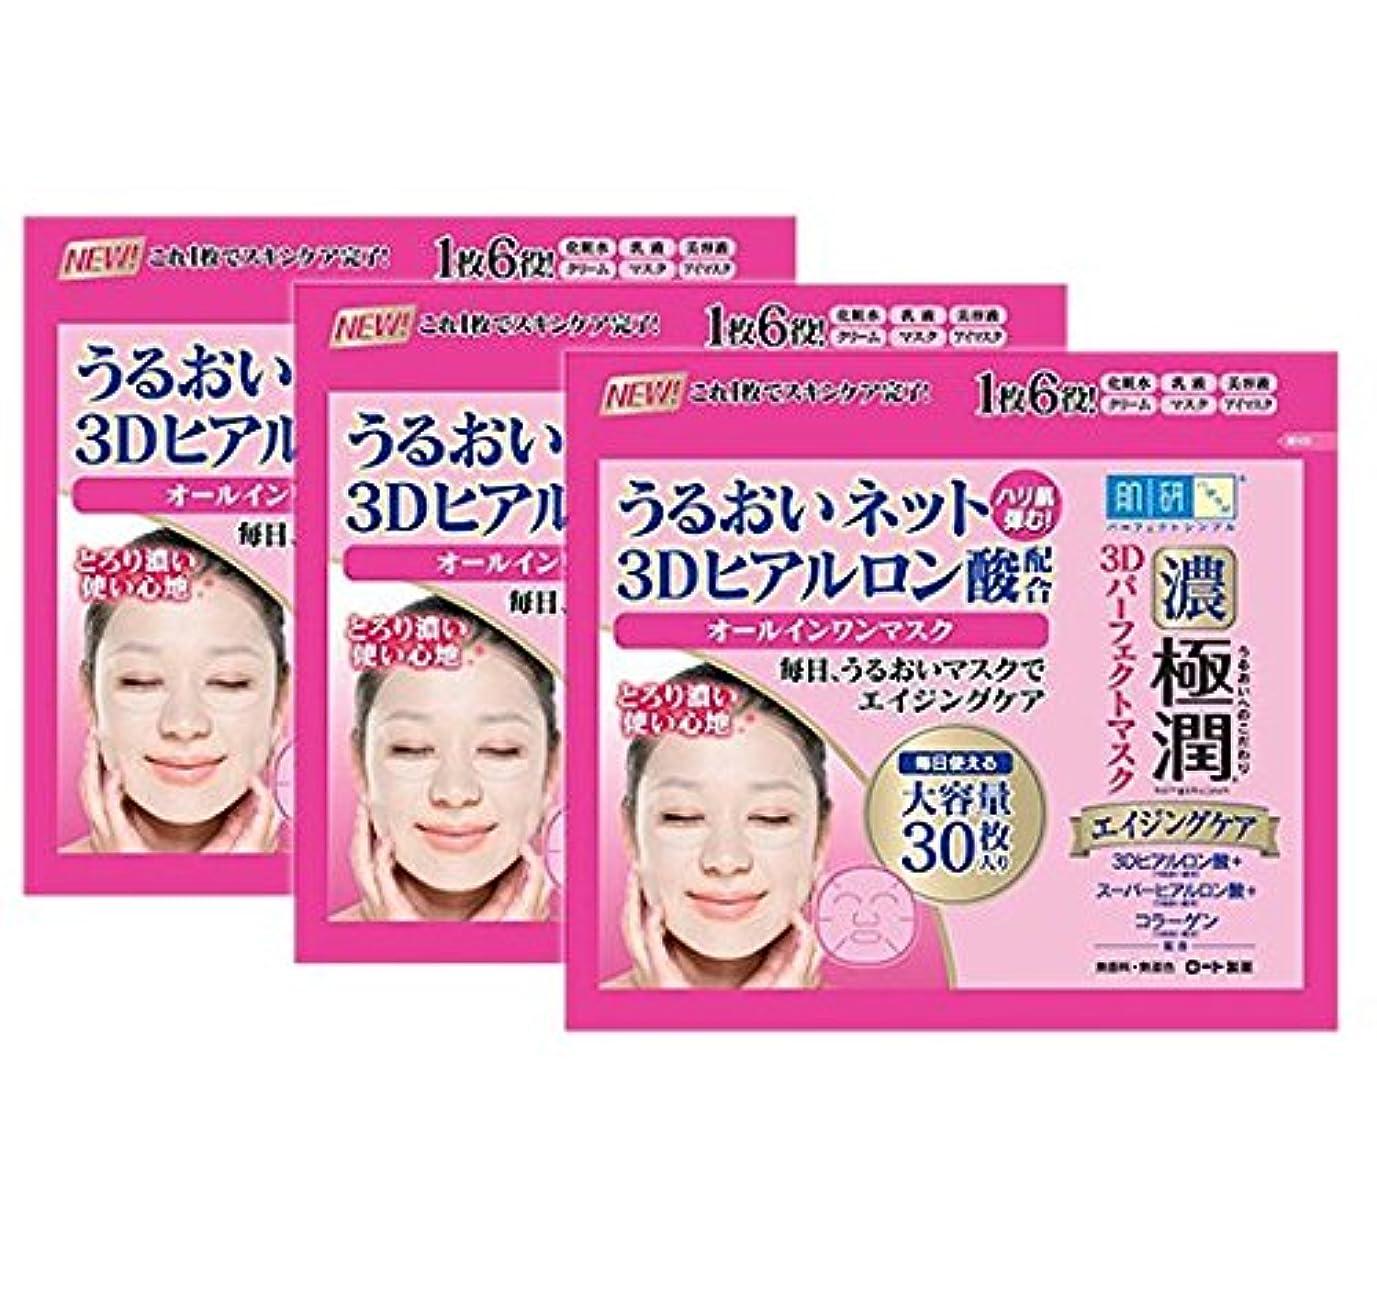 ローマ人回答後者【3個セット】肌研(ハダラボ) 極潤 3Dパーフェクトマスク 30枚入